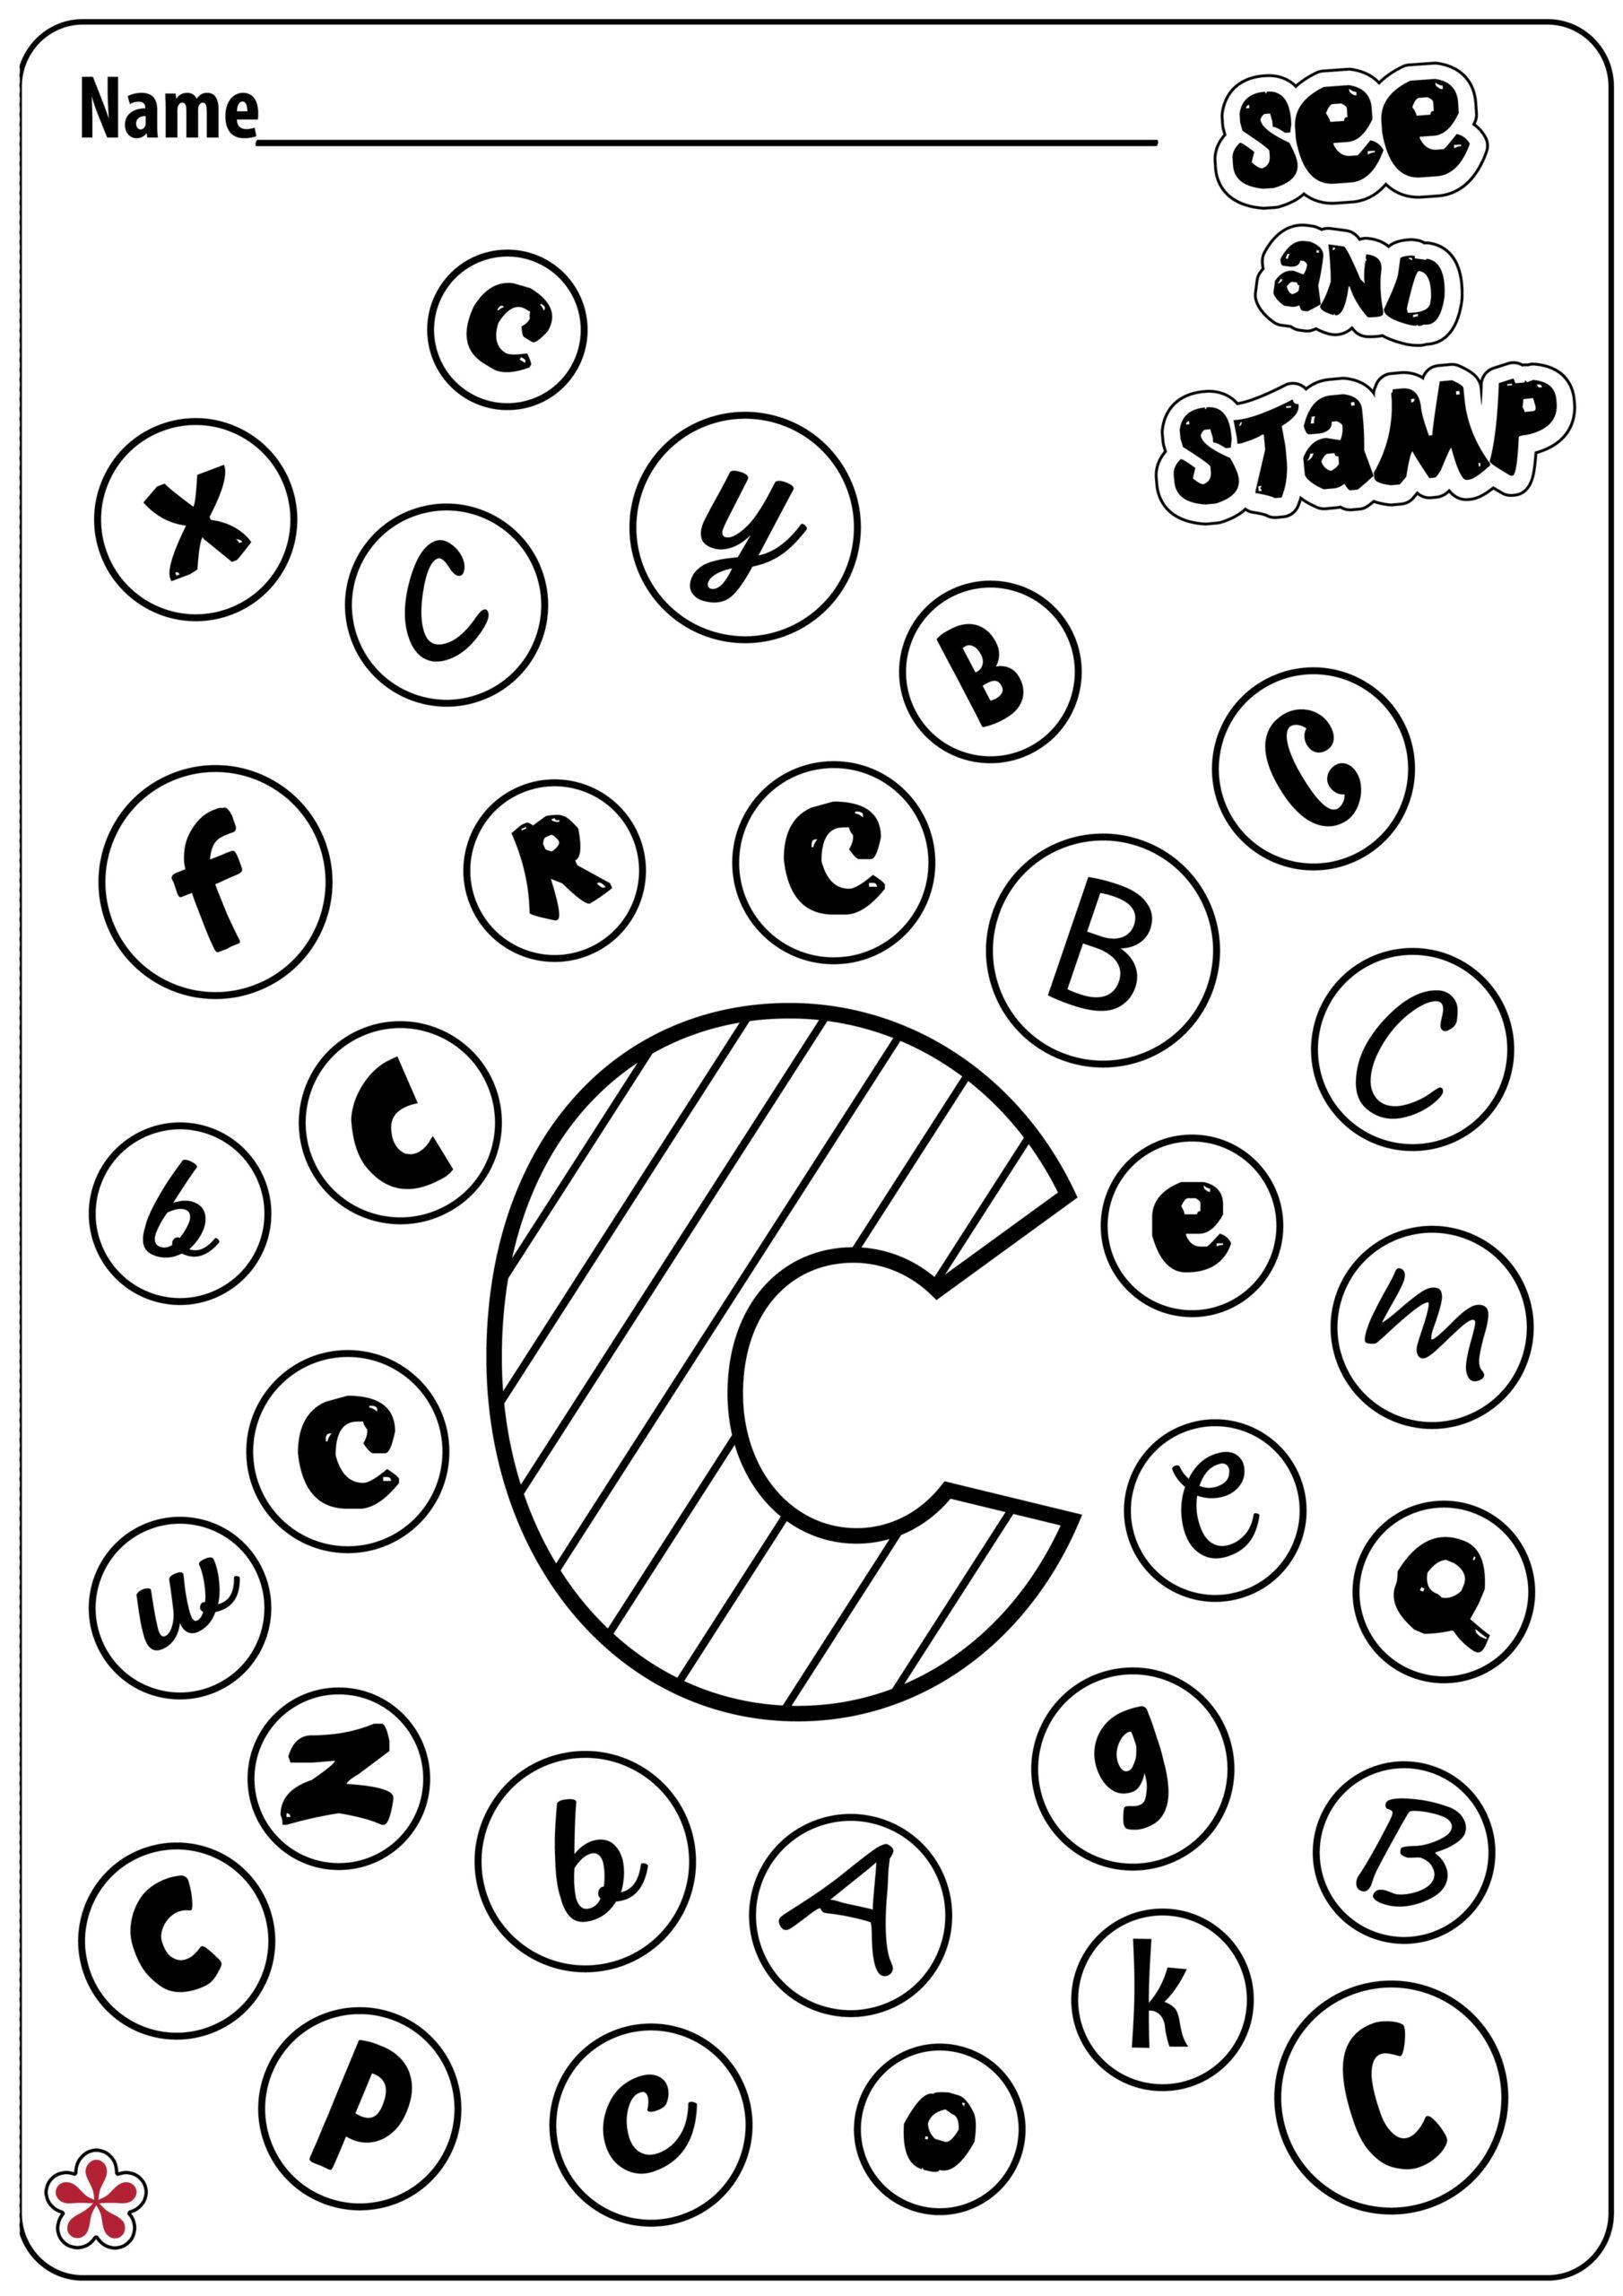 Letter C Worksheets. Teachersmag for Letter C Worksheets Printable